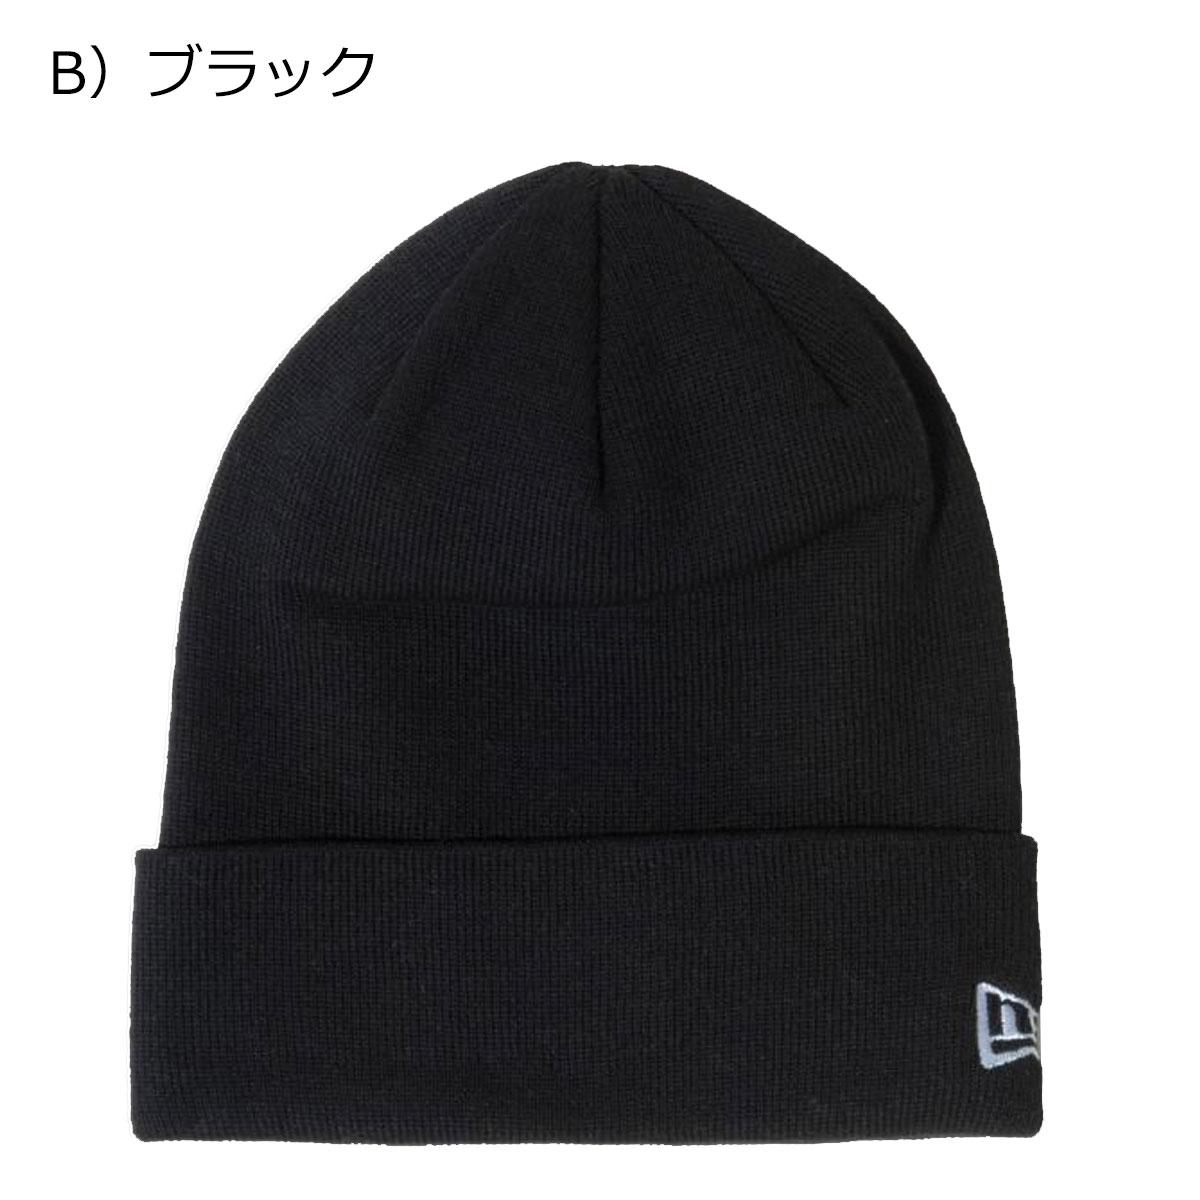 B)ブラック